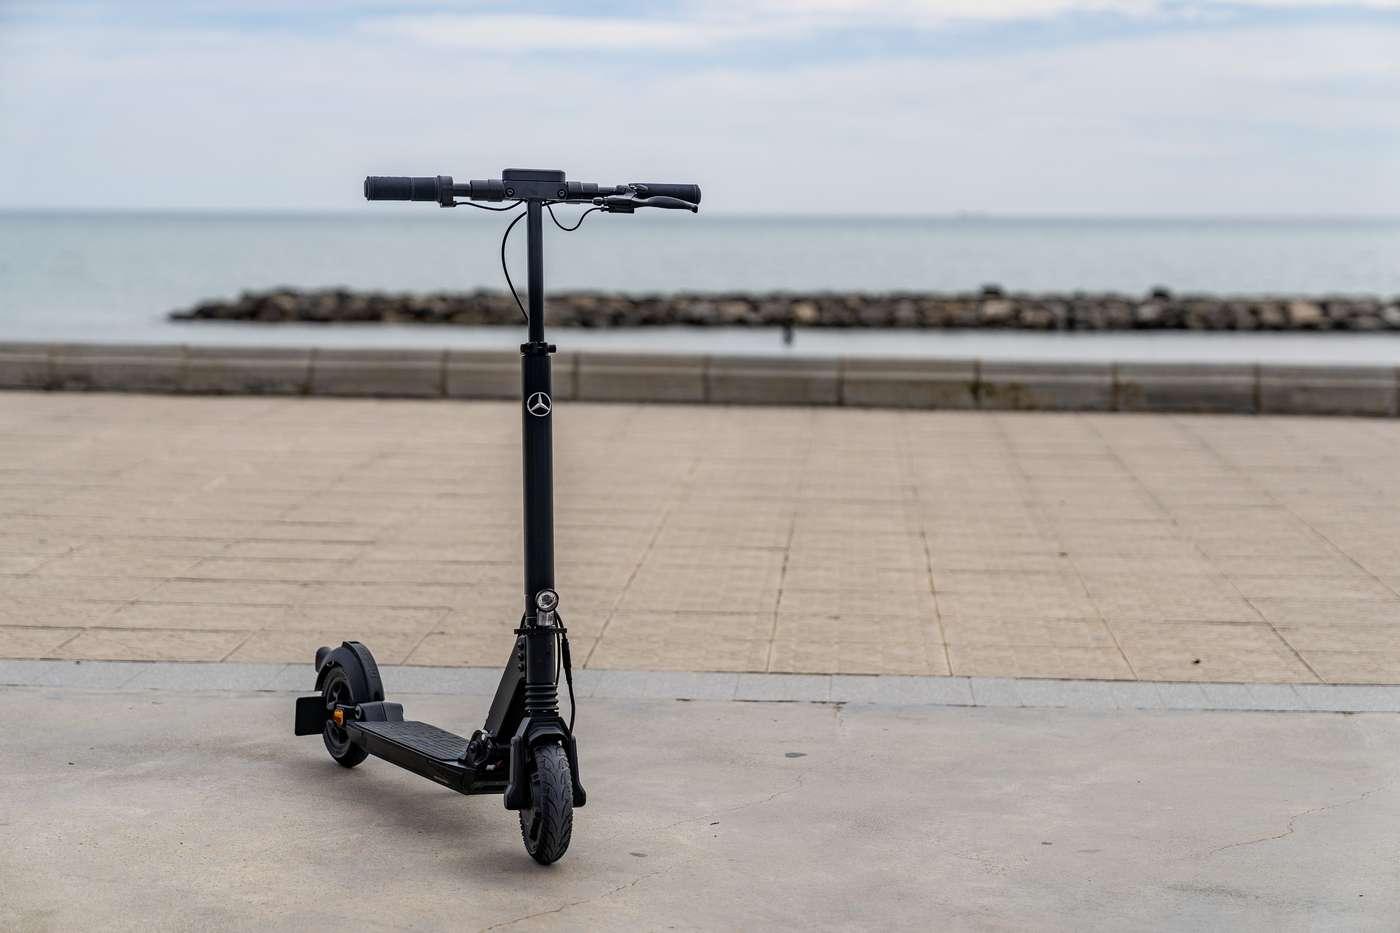 La nouvelle trottinette électrique Mercedes-Benz eScooter est fabriquée par Micro Mobility. © Mercedes-Benz